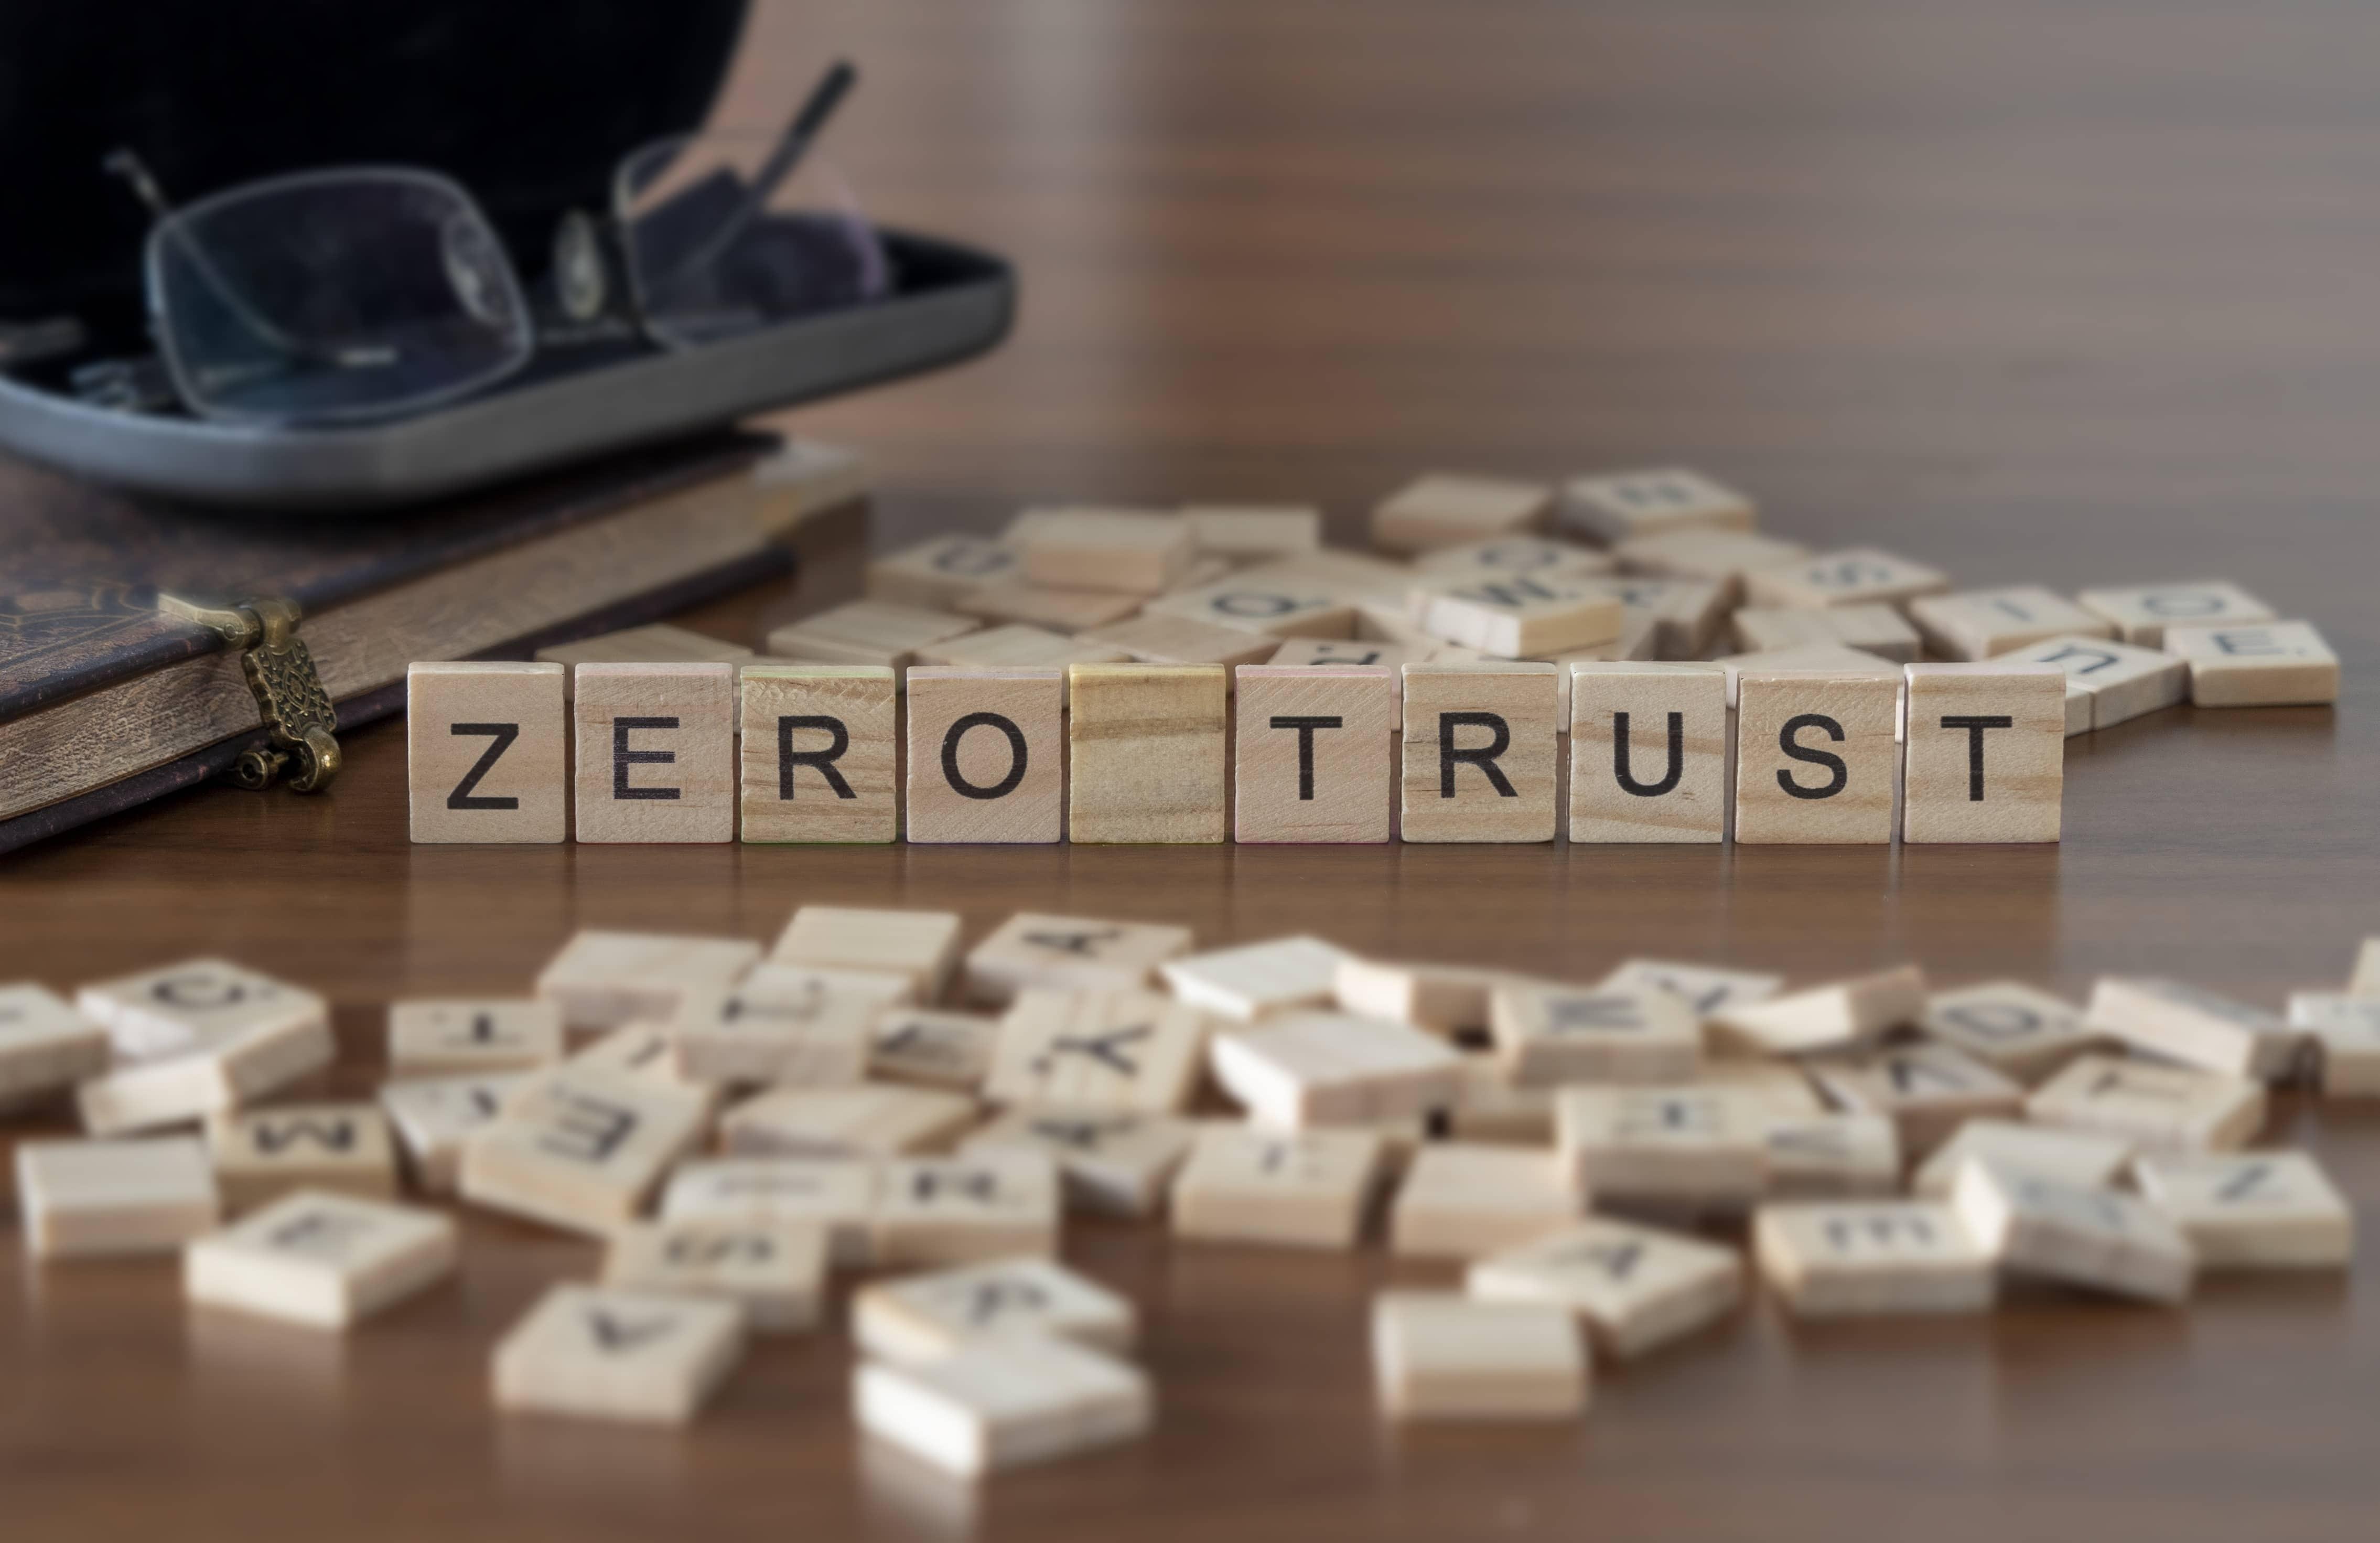 ゼロトラストが働き方改革に何をもたらすか?